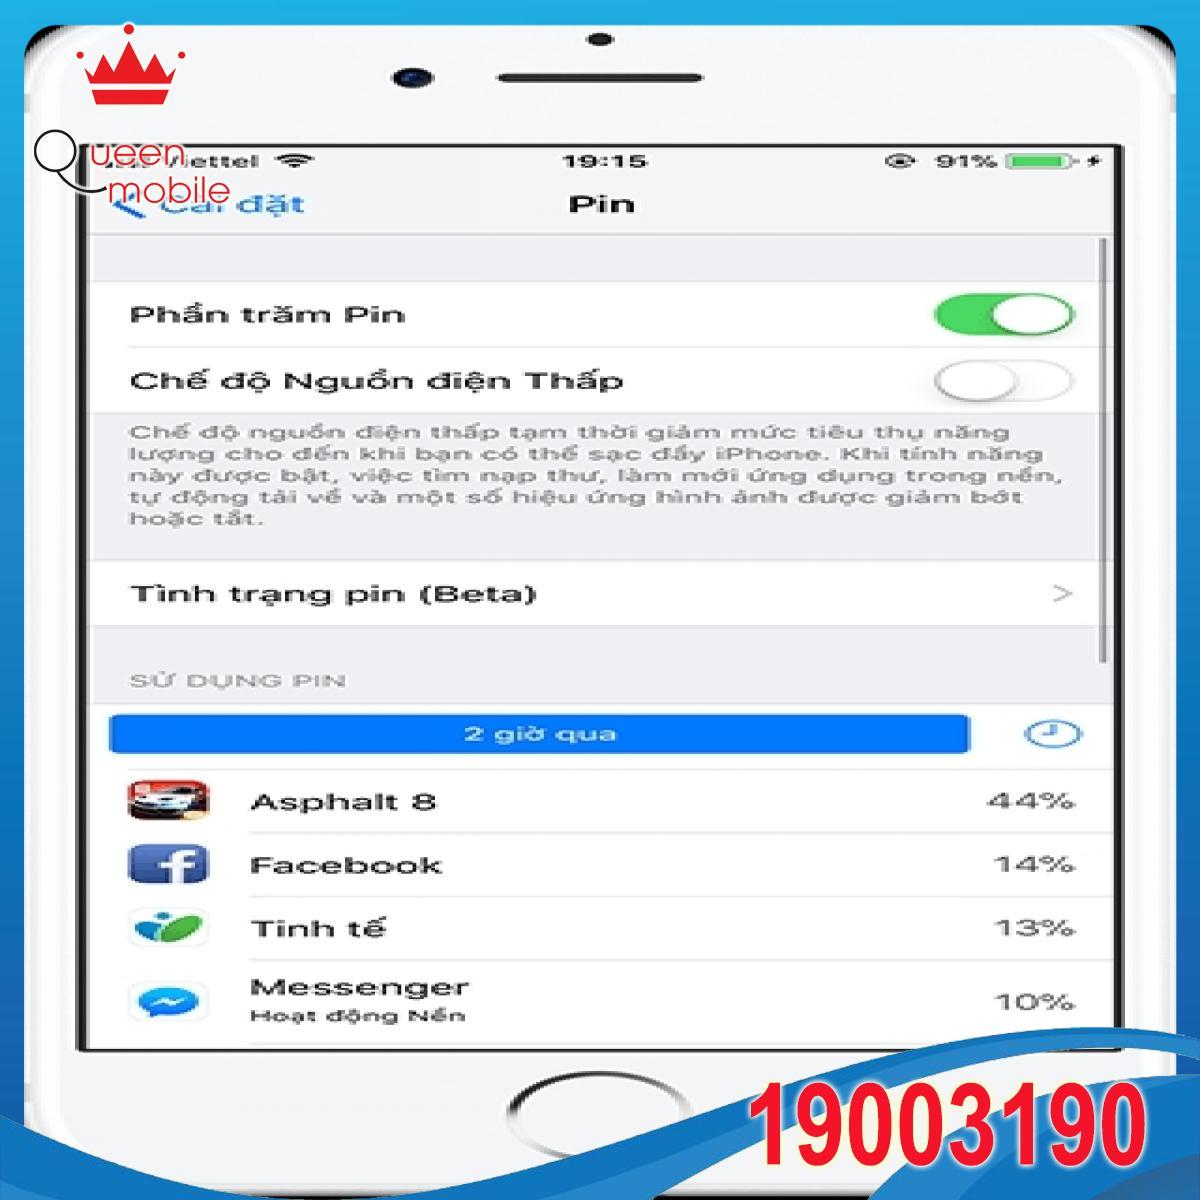 Hướng dẫn kiểm tra tình trạng pin của iPhone trên iOS 11.3